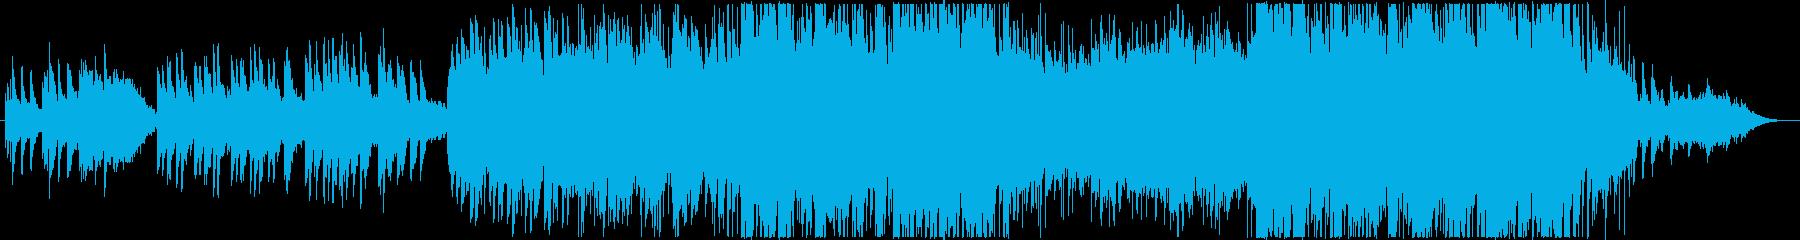 心に残るピアノメロディの感動エンディングの再生済みの波形